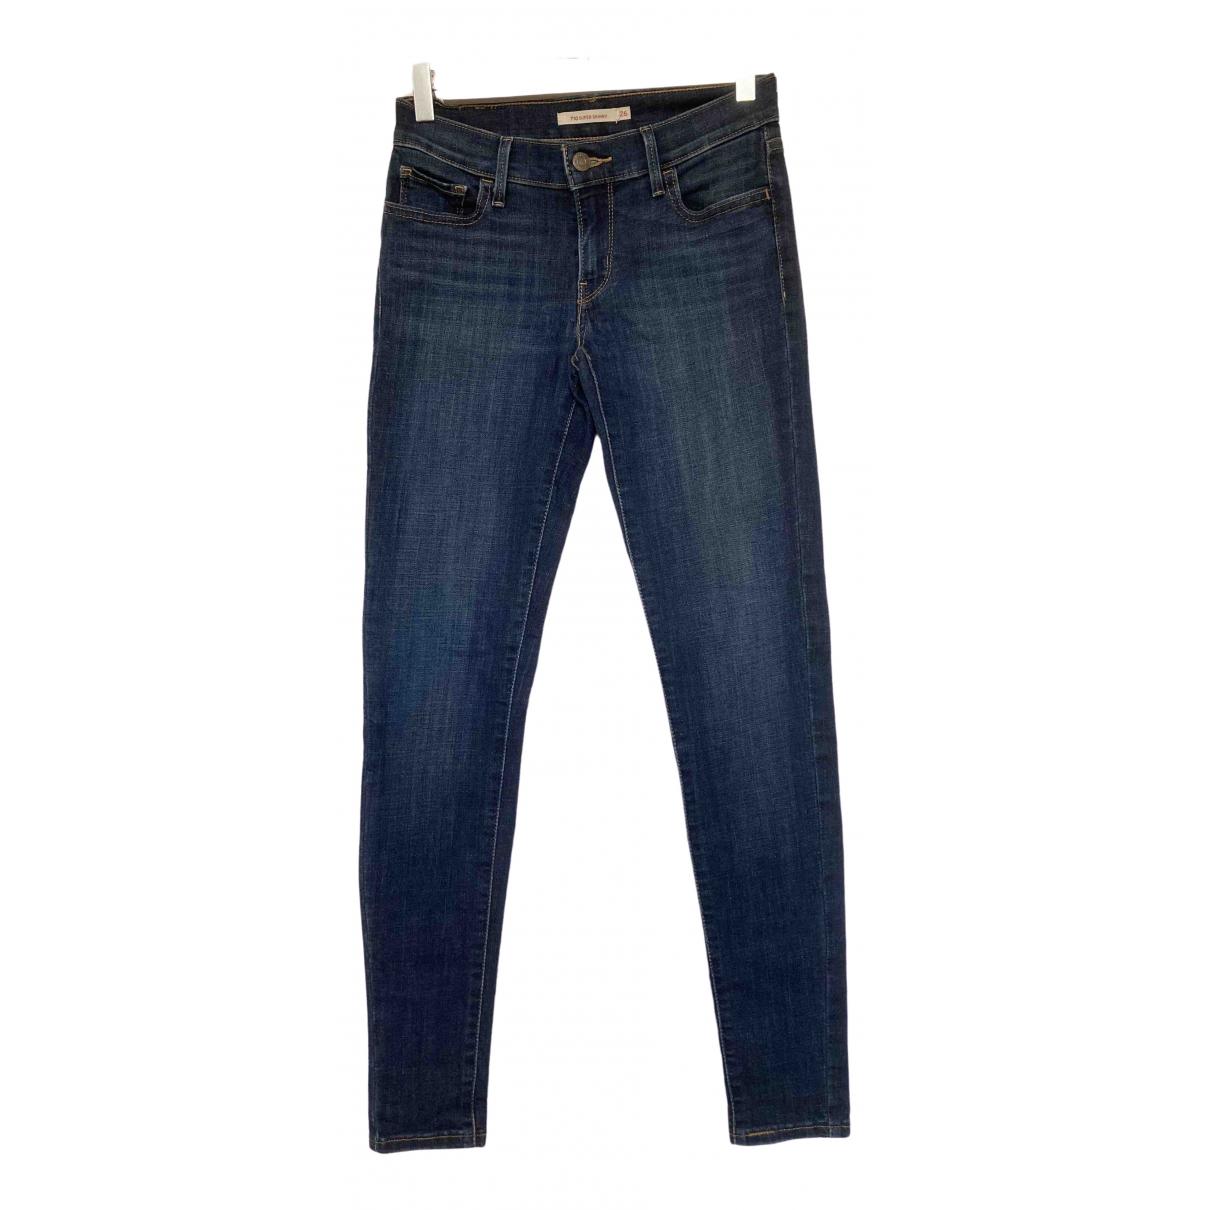 Levi's 710 Blue Denim - Jeans Jeans for Women 26 US